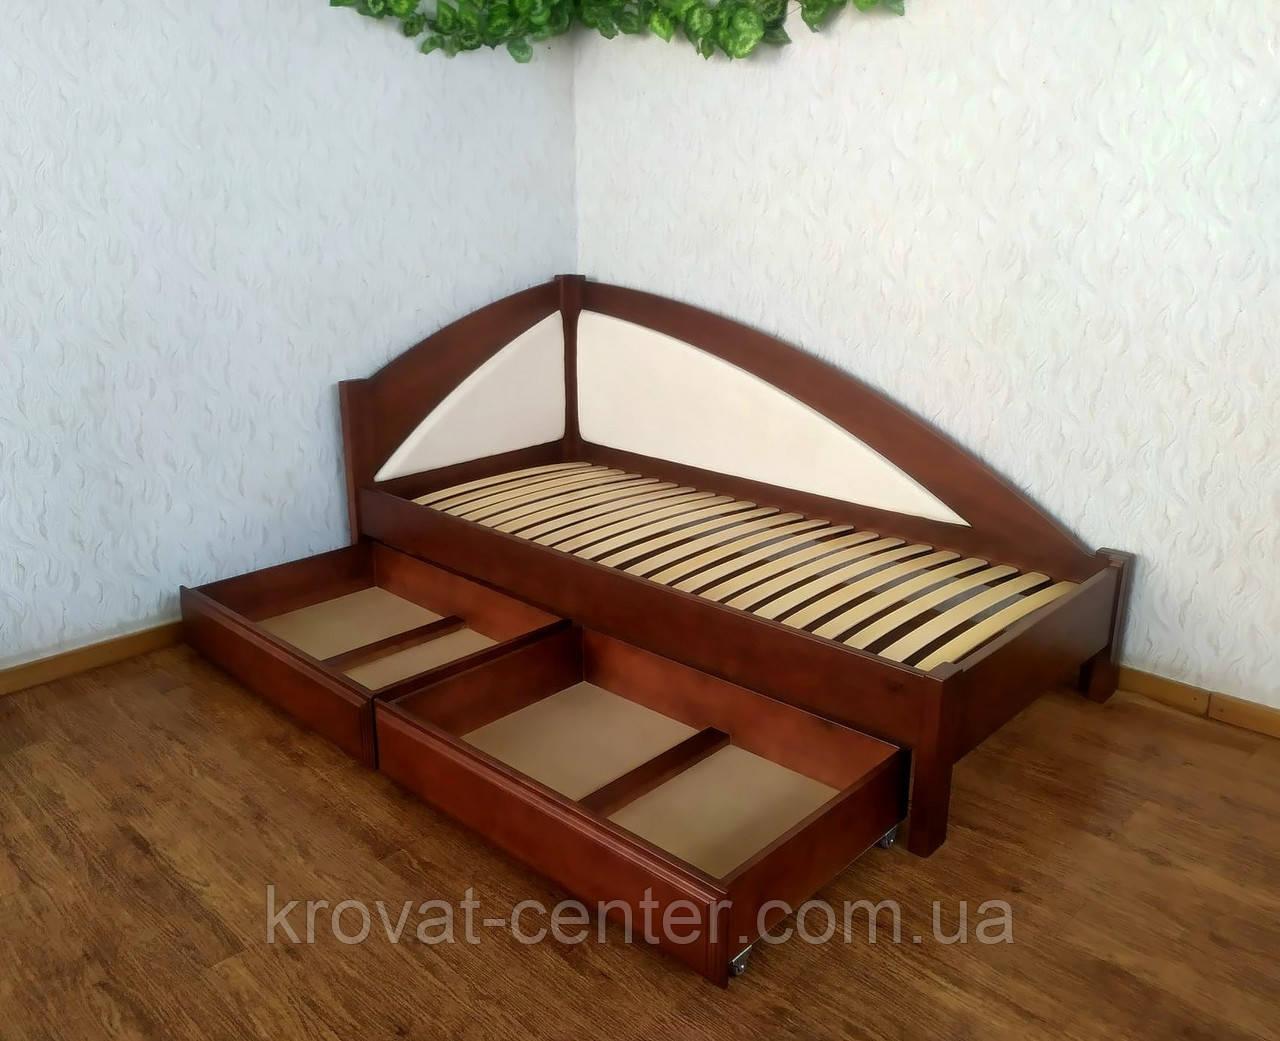 """Односпальная кровать тахта с мягкой боковой спинкой и выдвижными ящиками """"Радуга Премиум"""""""